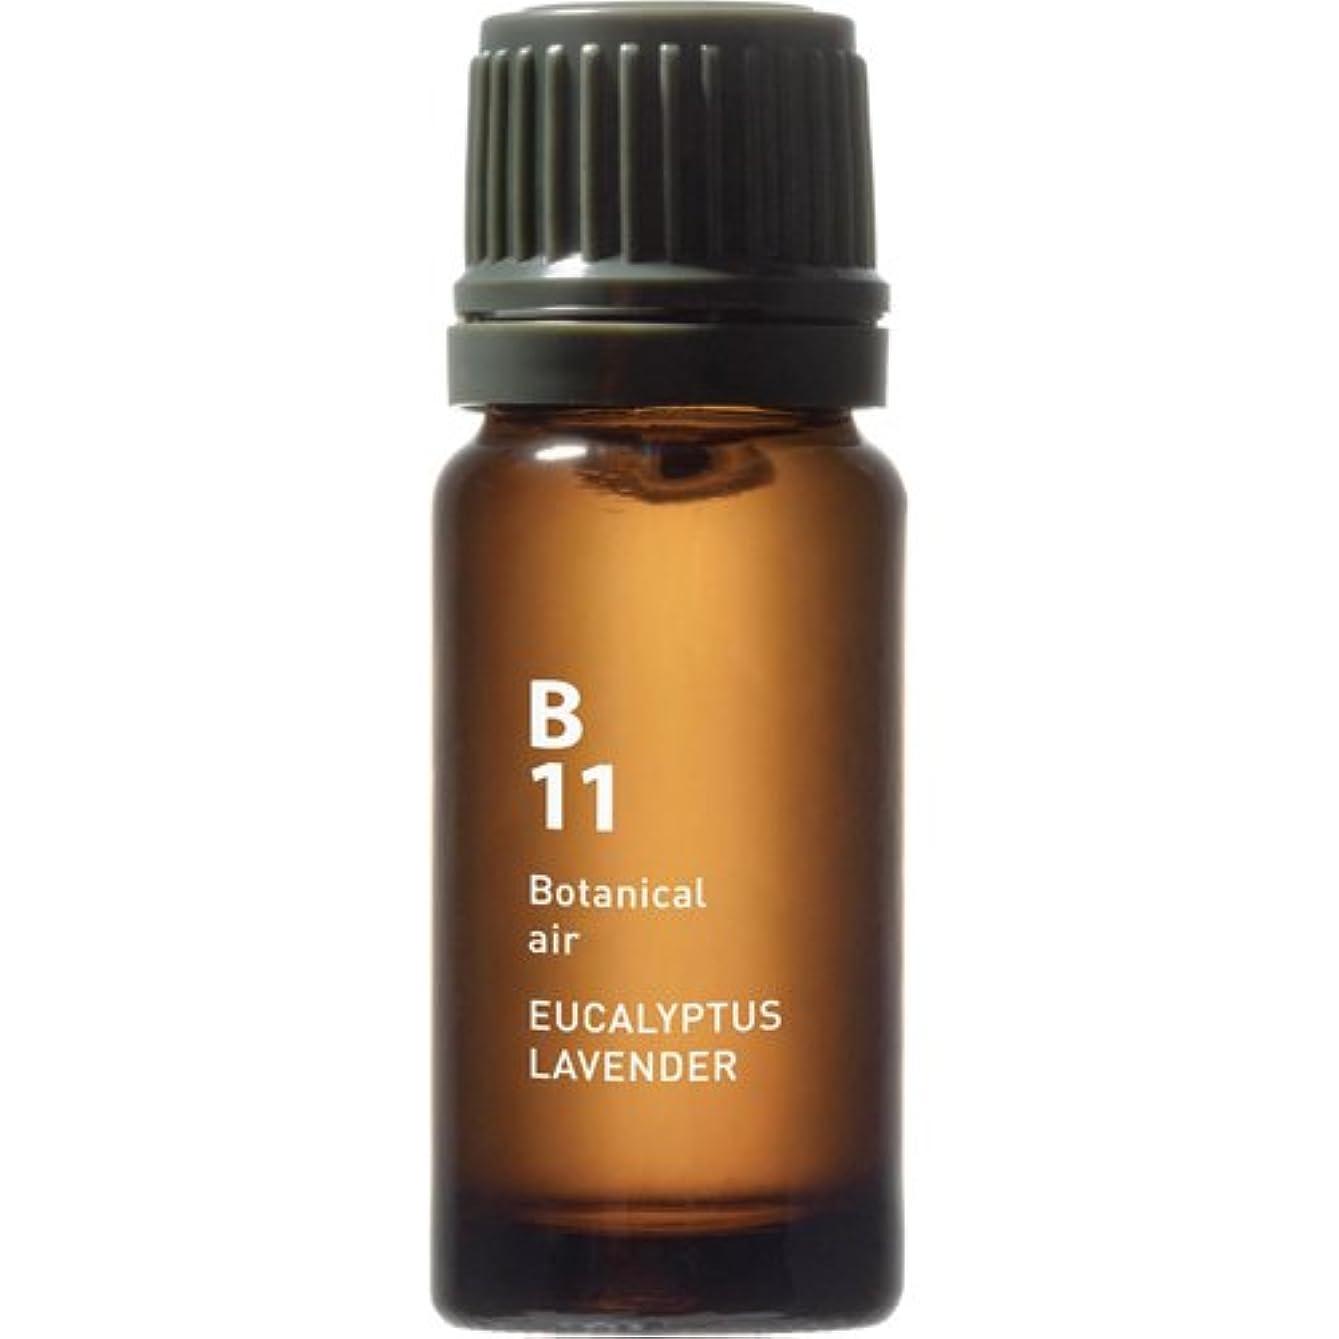 キモい接辞歌手B11 ユーカリラベンダー Botanical air(ボタニカルエアー) 10ml